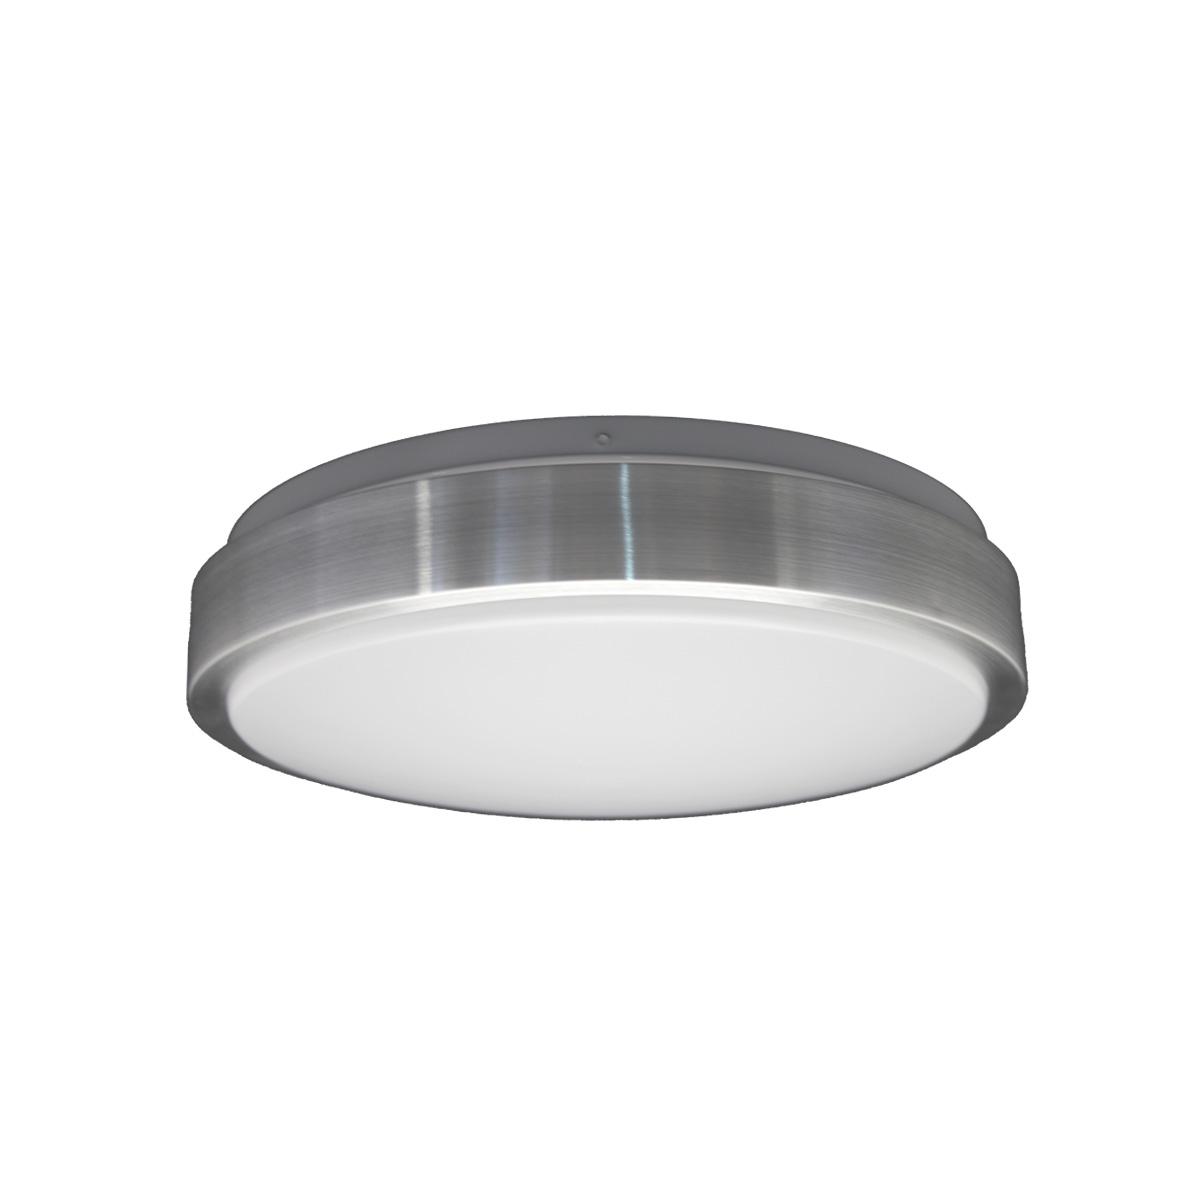 LED plafonjera 1.0010-P330